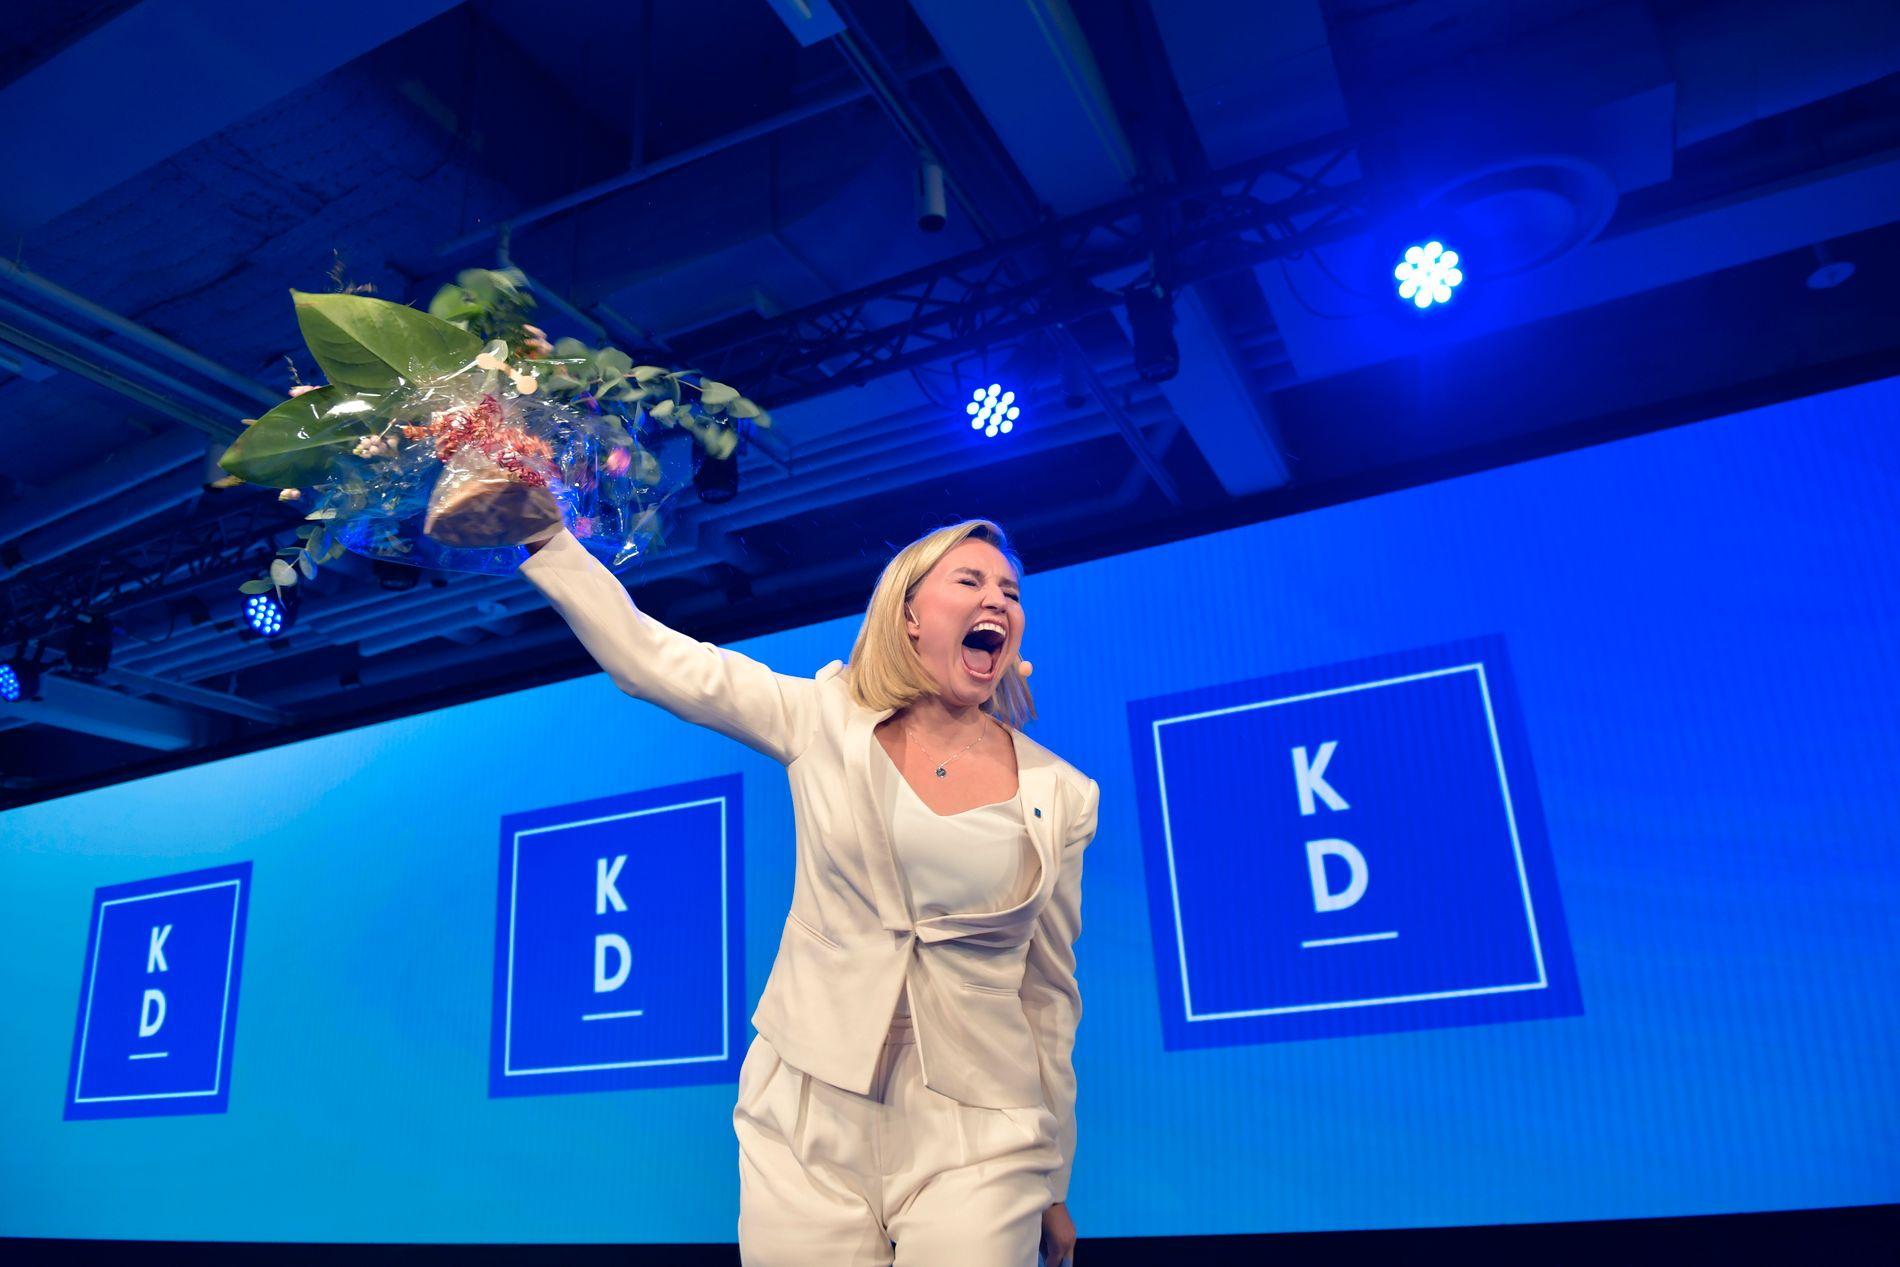 SUKSESS: – Ebba Busch Thor har tatt svensk politikk med storm. Ho trefte godt på valkampen, og førte KD sitt beste val sidan 2006, skriv Morten Myksvoll.